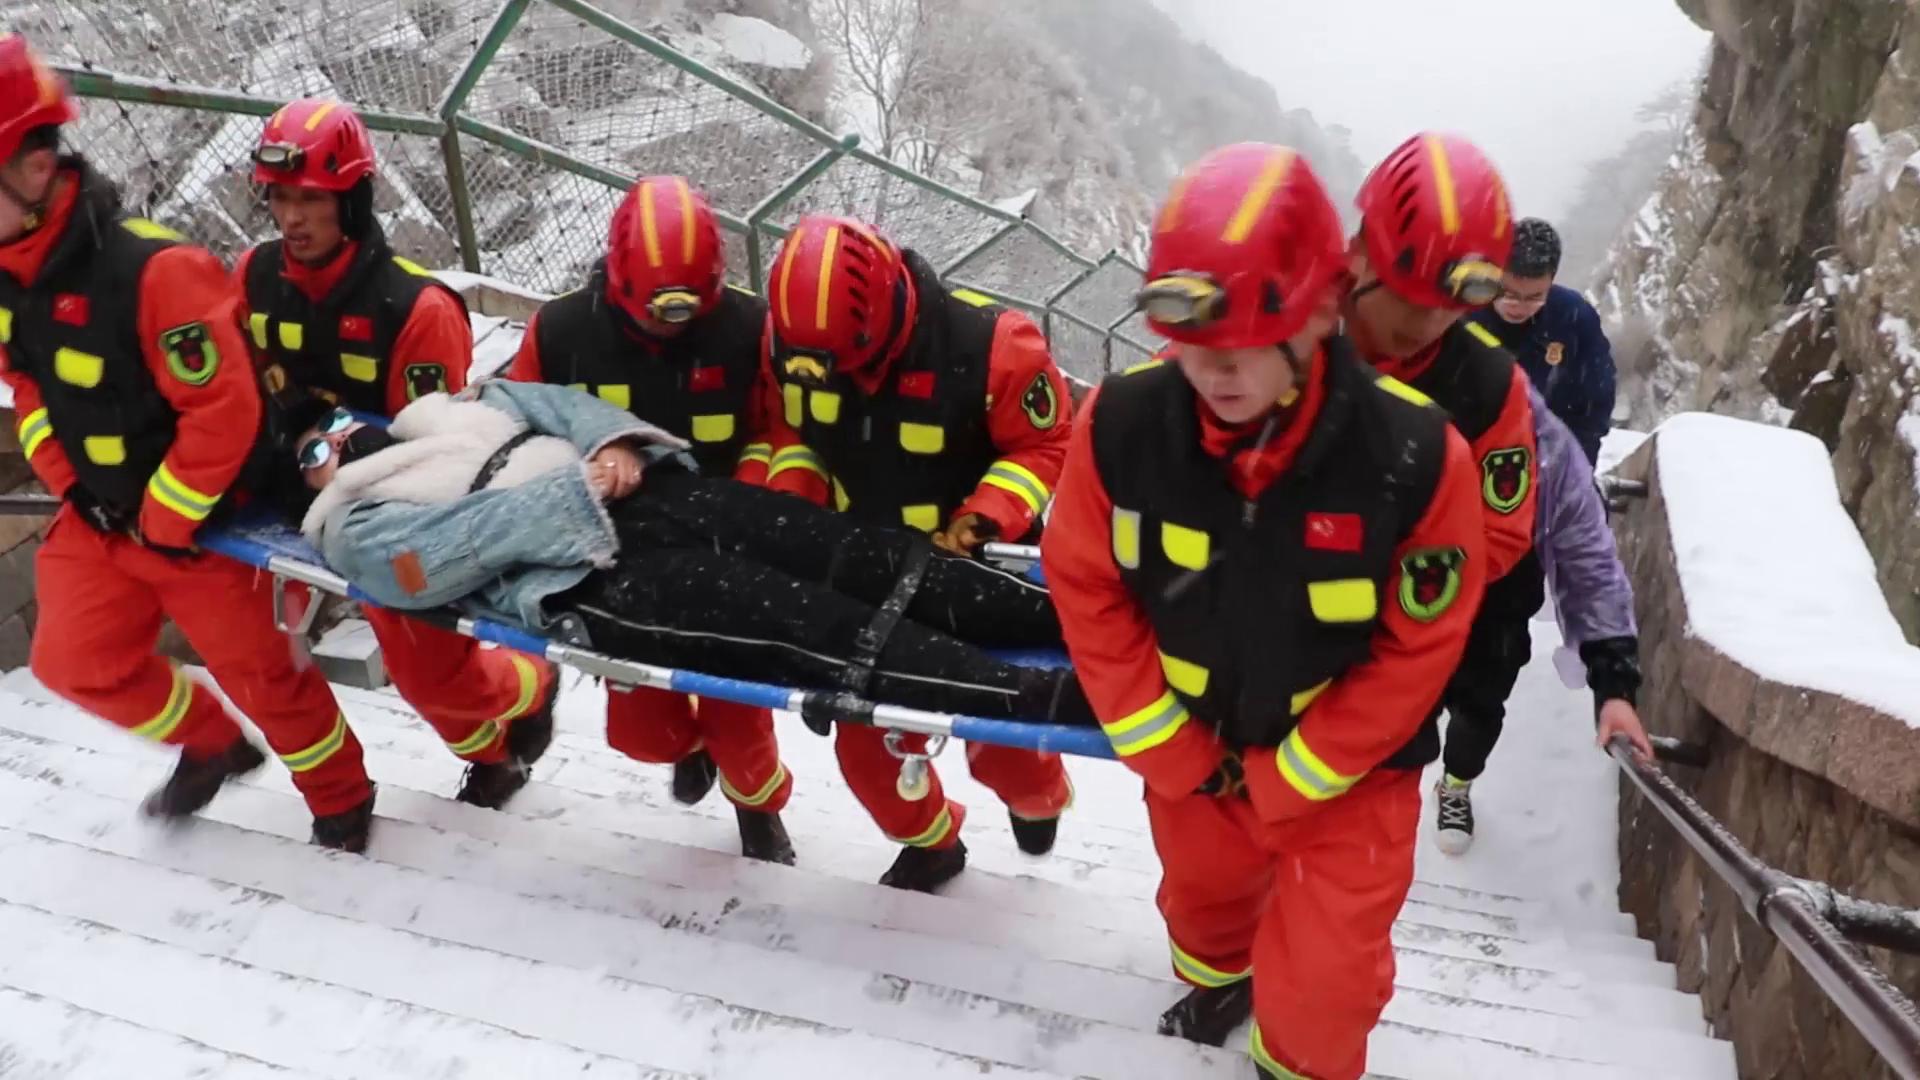 冬日暖心!雪天游客在泰山十八盘摔伤 消防员抬担架爬千级台阶送医